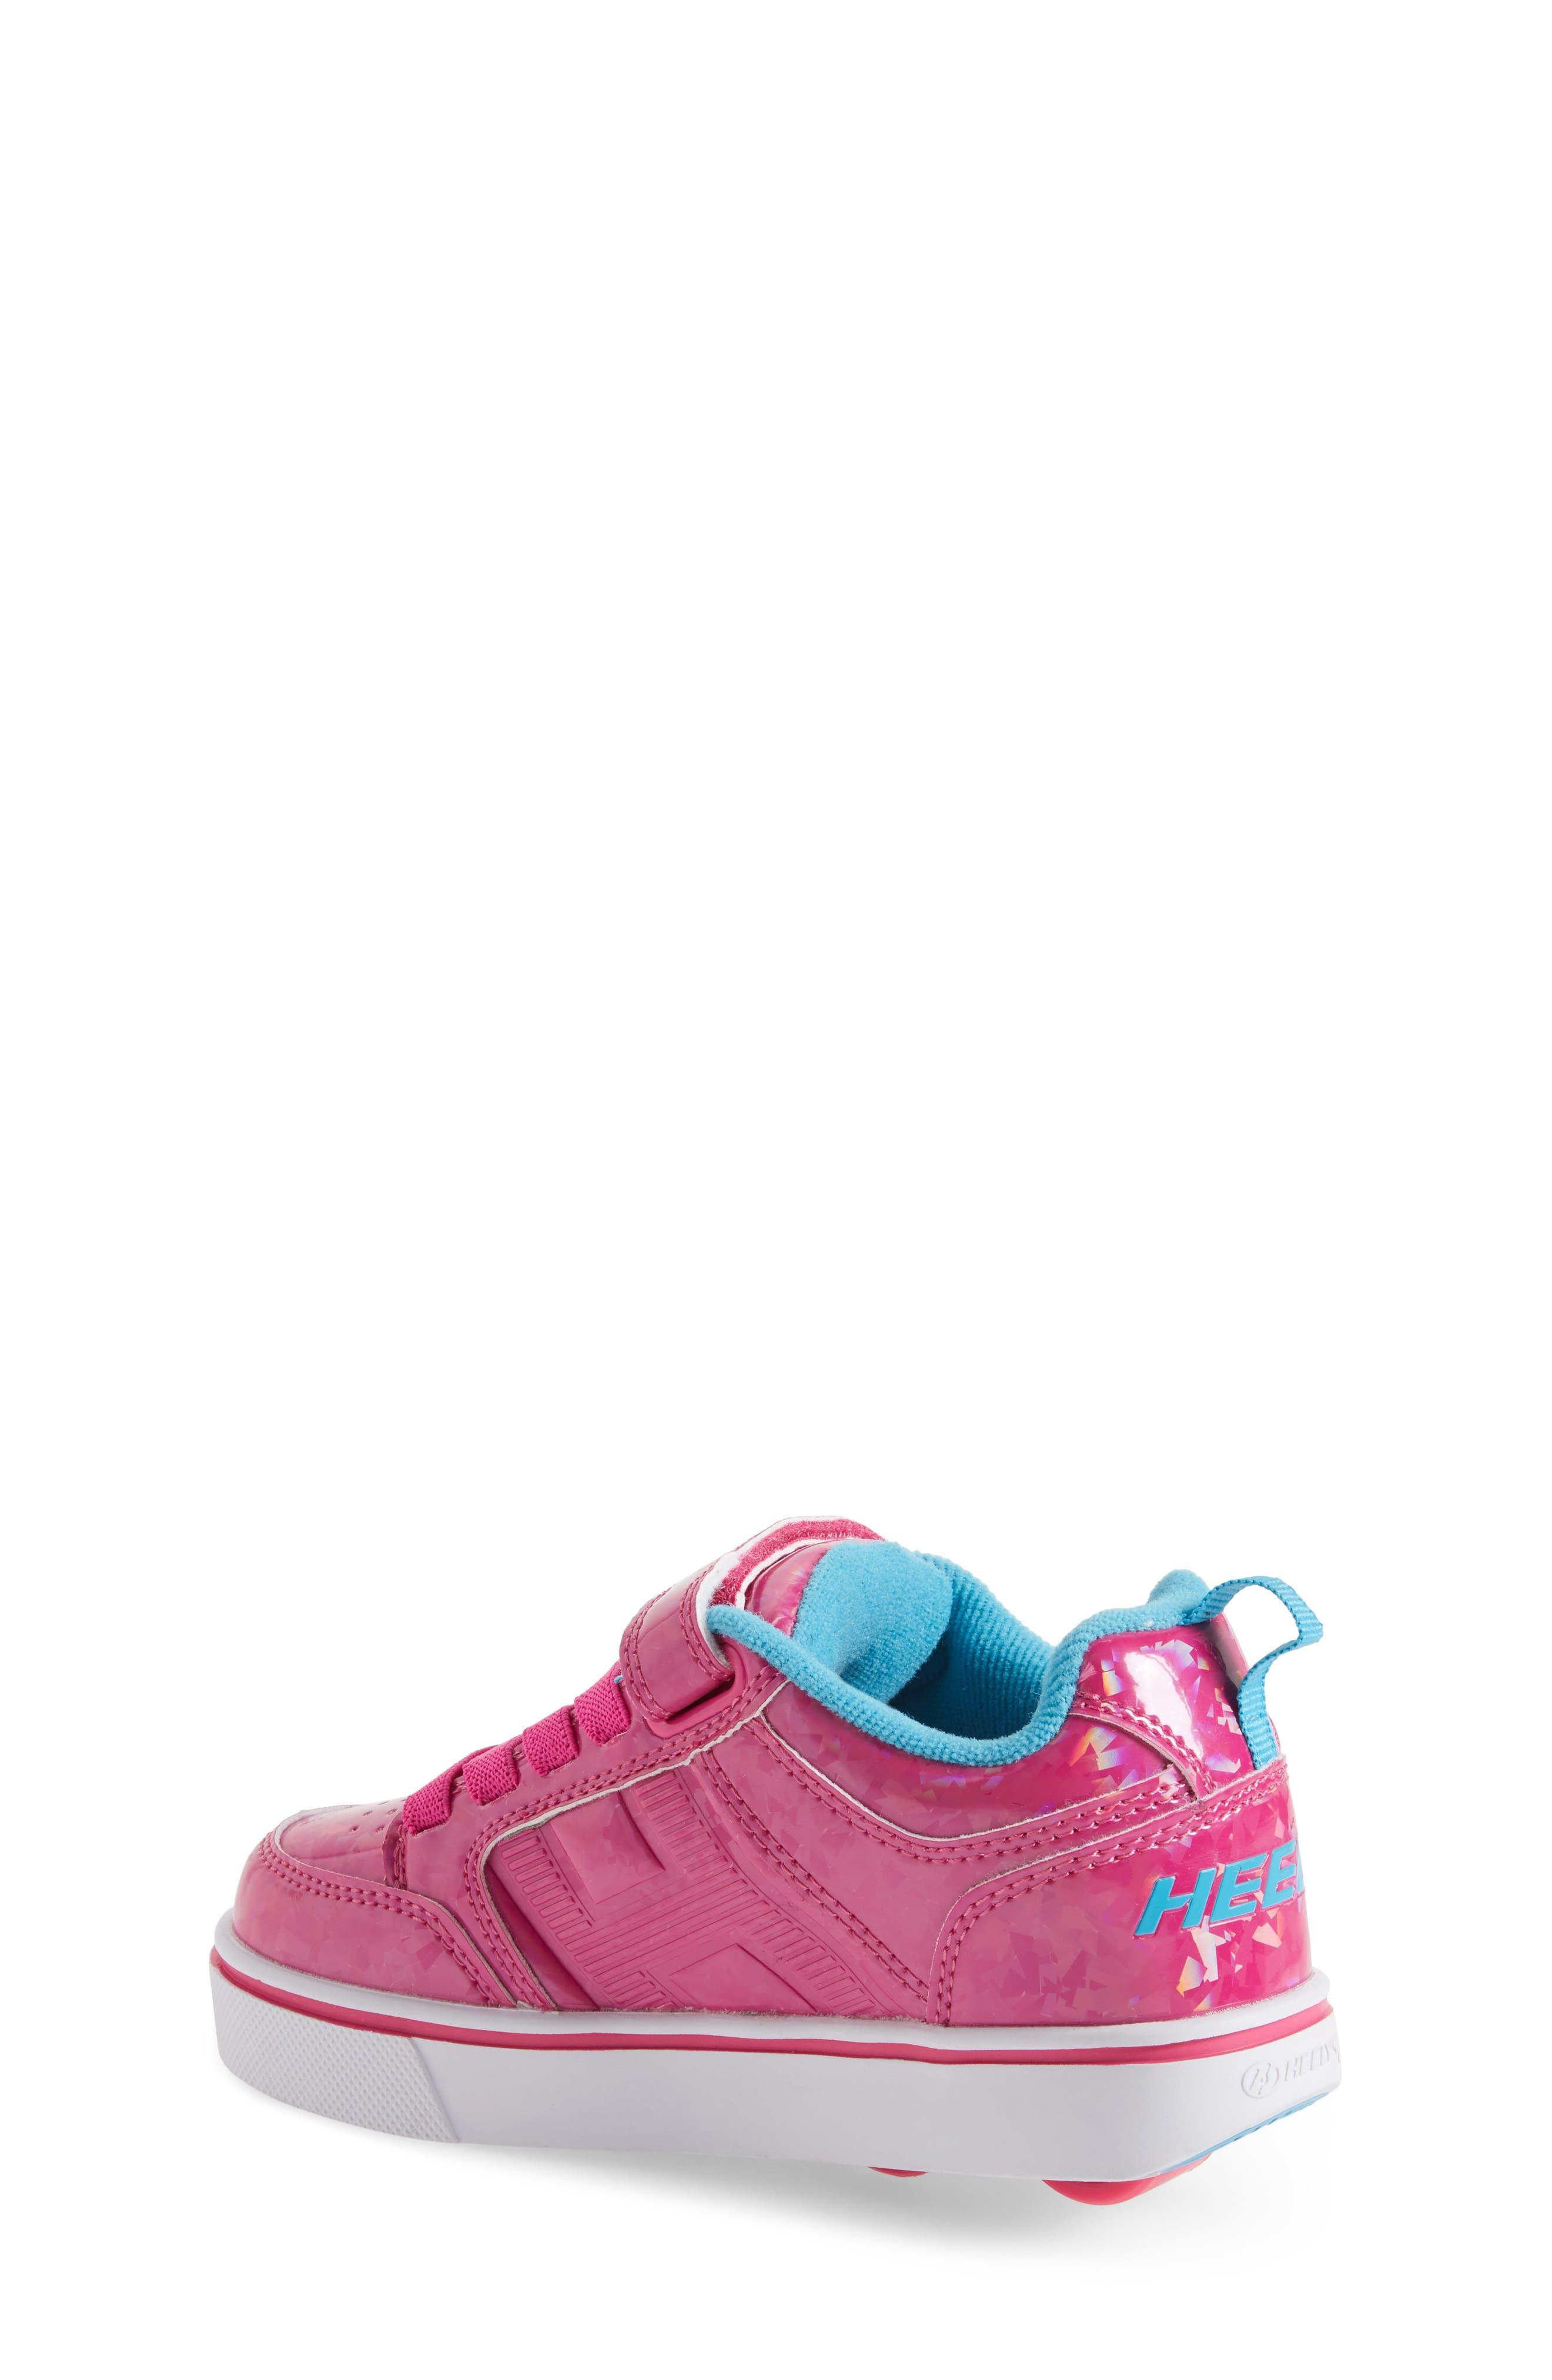 Alternate Image 2  - Heelys Bolt Plus X2 Light-Up Skate Sneaker (Toddler, Little Kid & Big Kid)